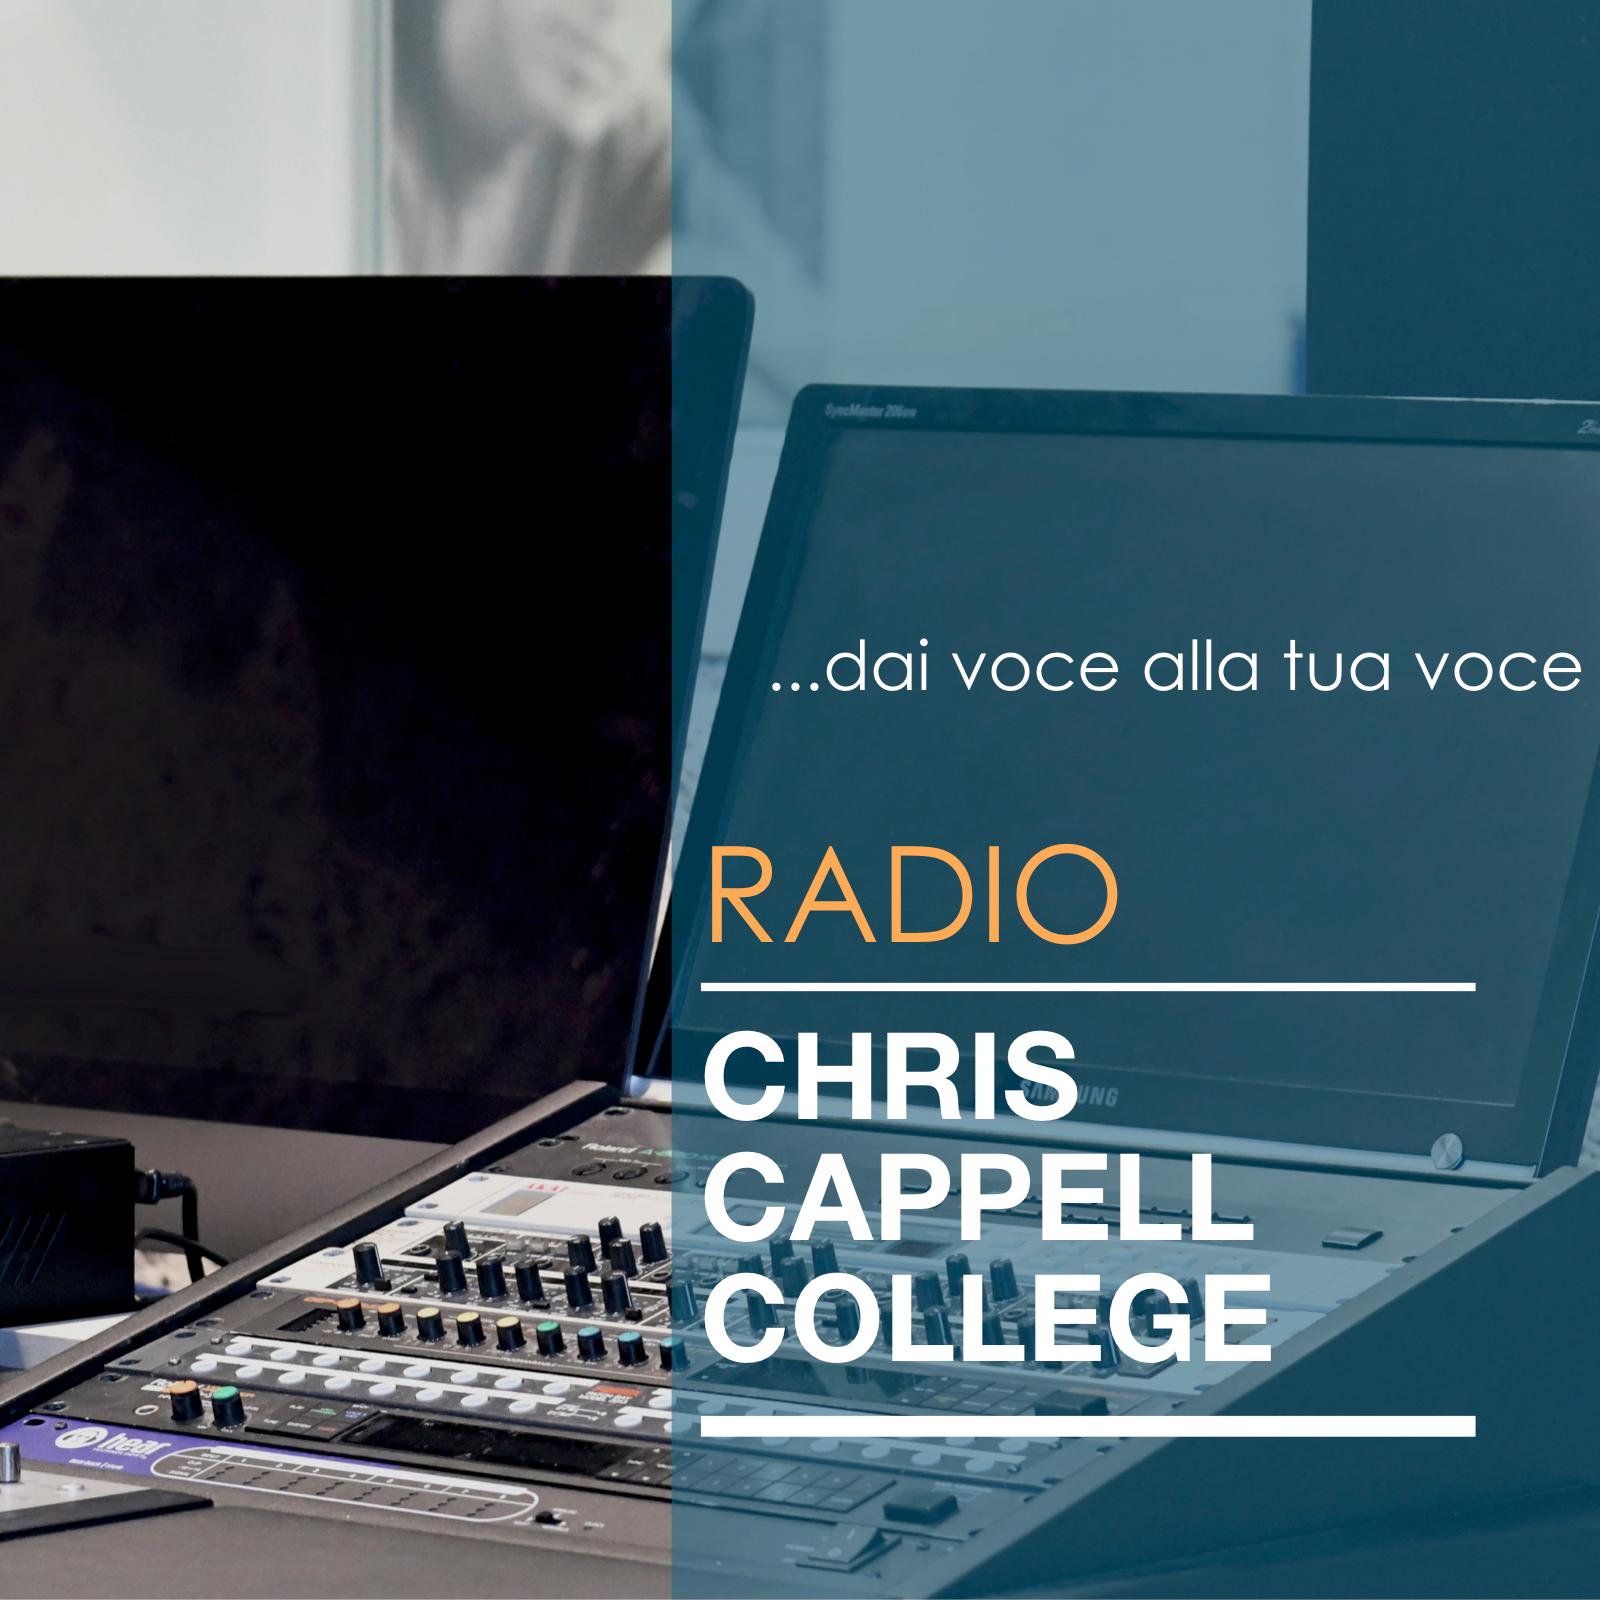 ChrisCappellCollegeRadio